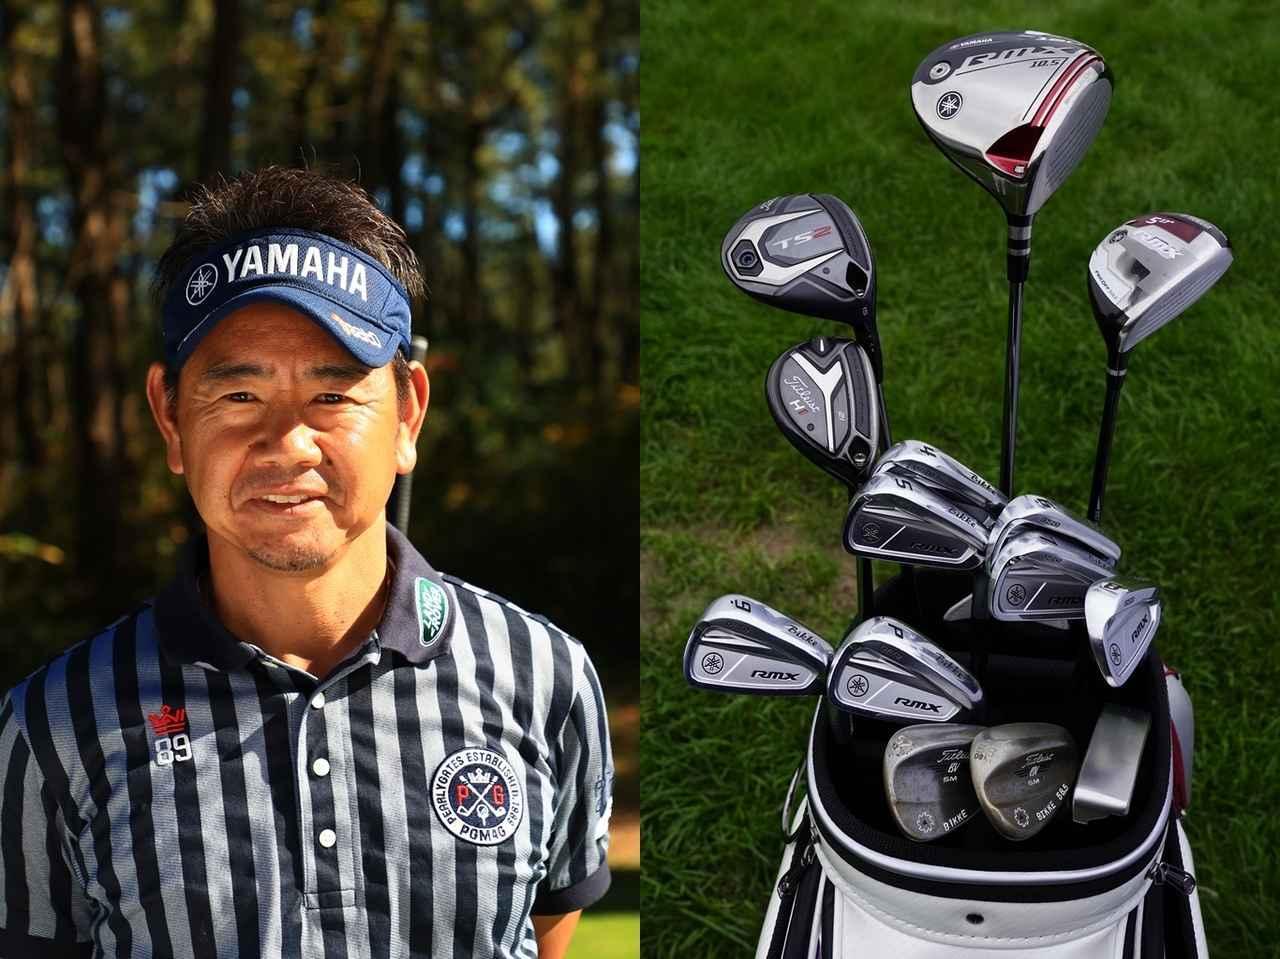 画像: ふじたひろゆき。1969年生まれ福岡県出身。50歳になってもレギュラーツアーで活躍。2019年シーズンは日本プロで4位、5年ぶりの優勝を目指している